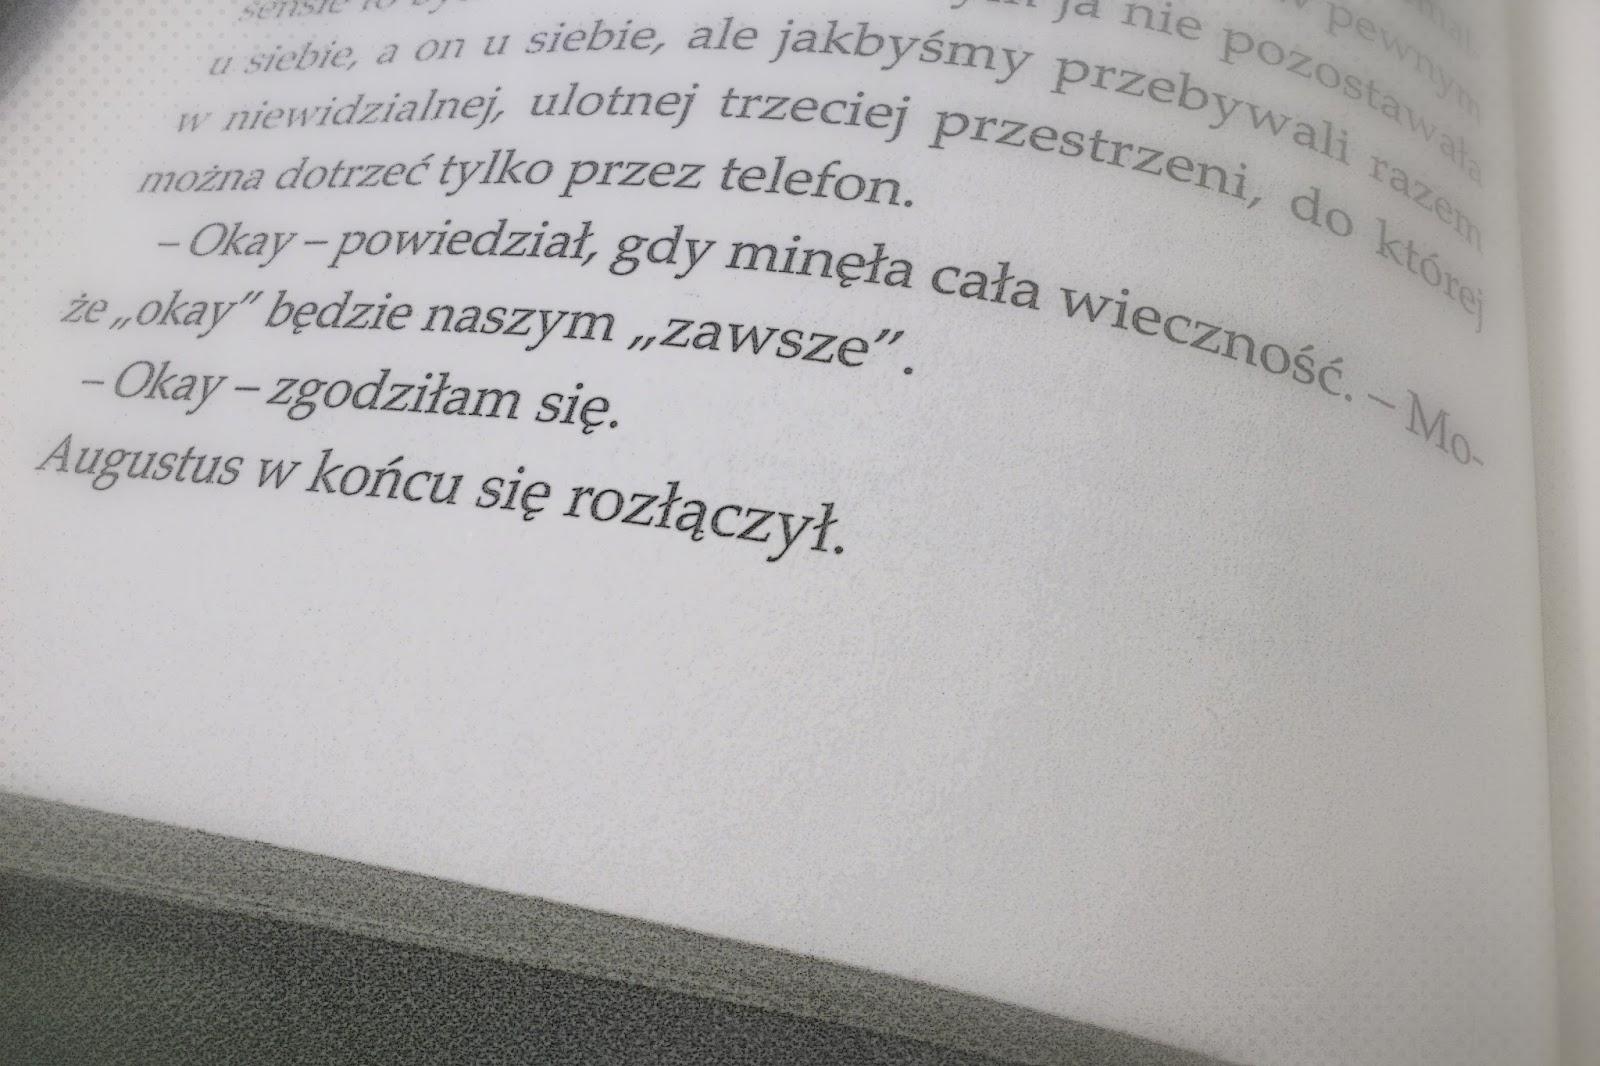 W Cieniu Wyobraźni Gwiazd Naszych Wina Film Książka